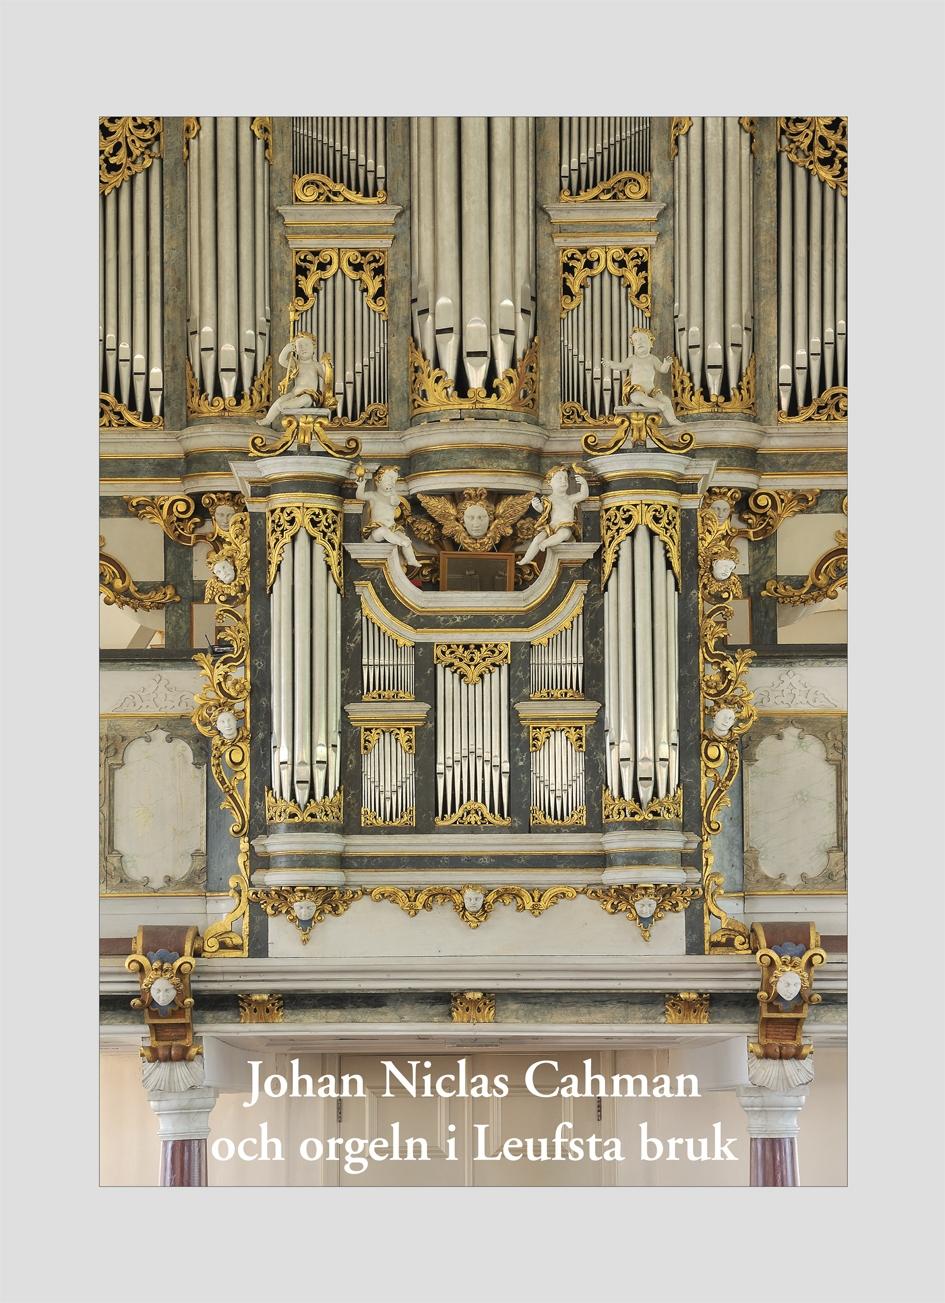 Bildresultat för Johan Niclas Cahman och orgeln i Leufsta bruk